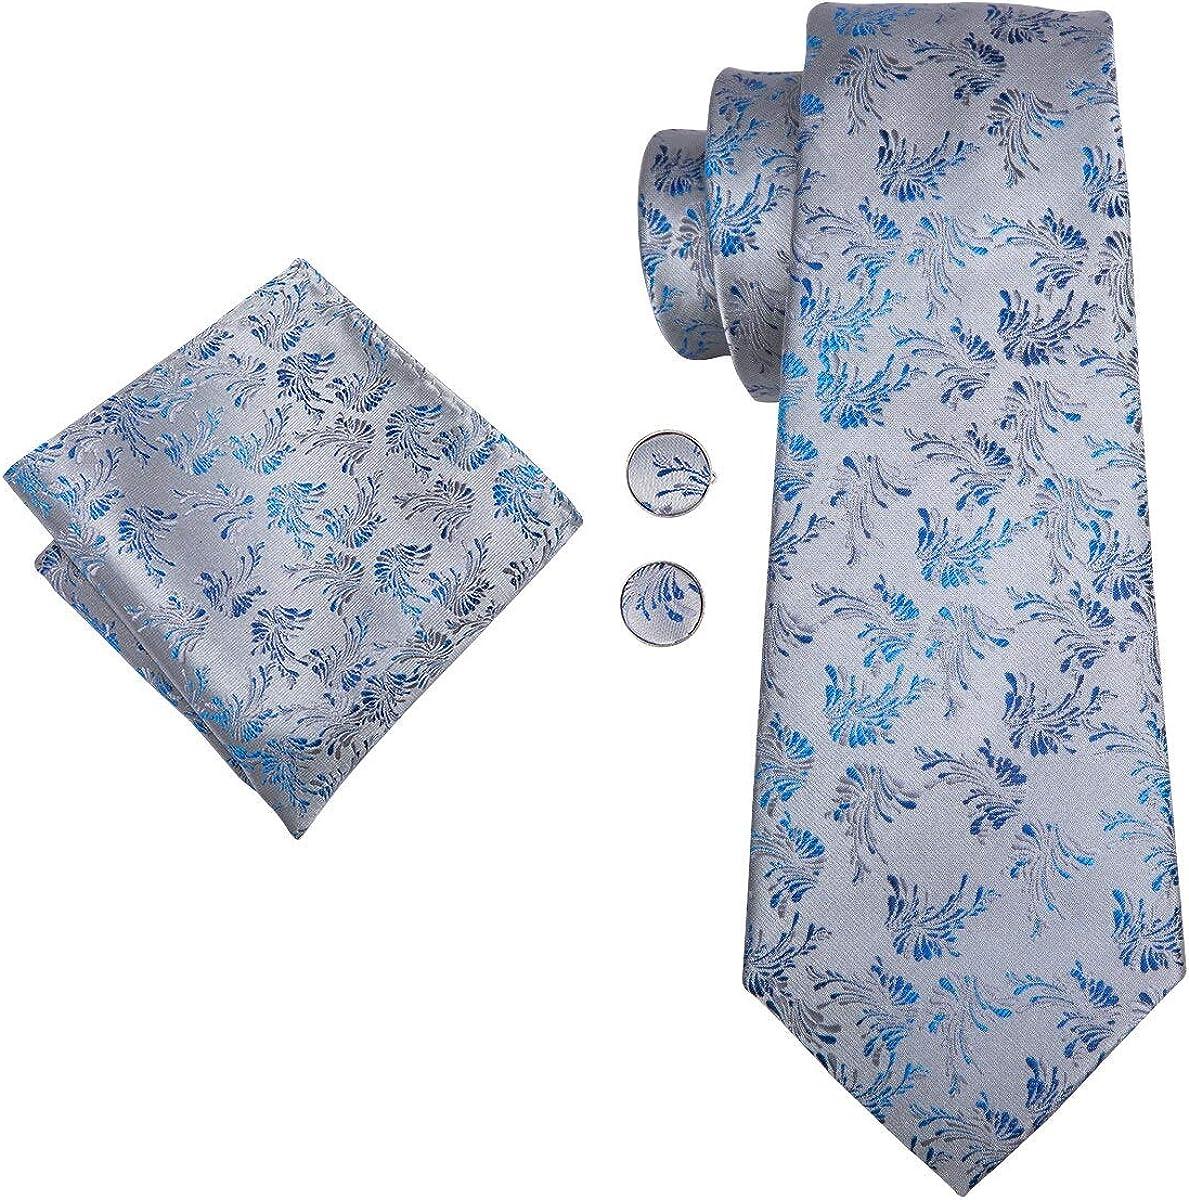 CDBGPZLD Corbata Floral De Seda Azul Para Hombre Corbatas Gris ...